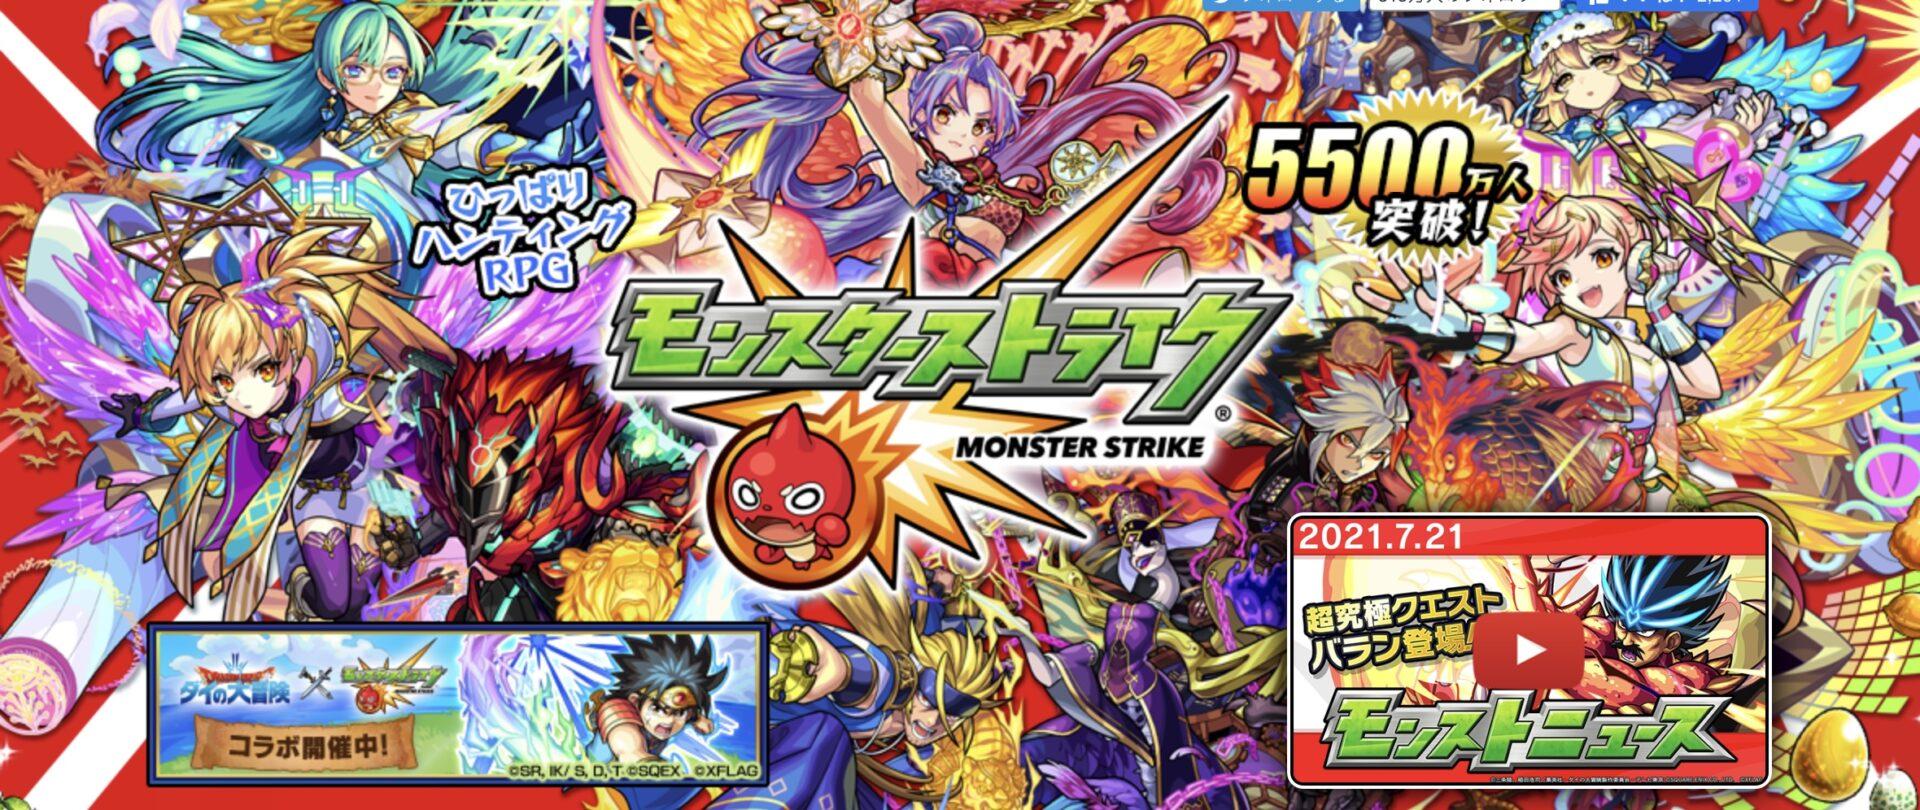 Monster-strake(モンスト)